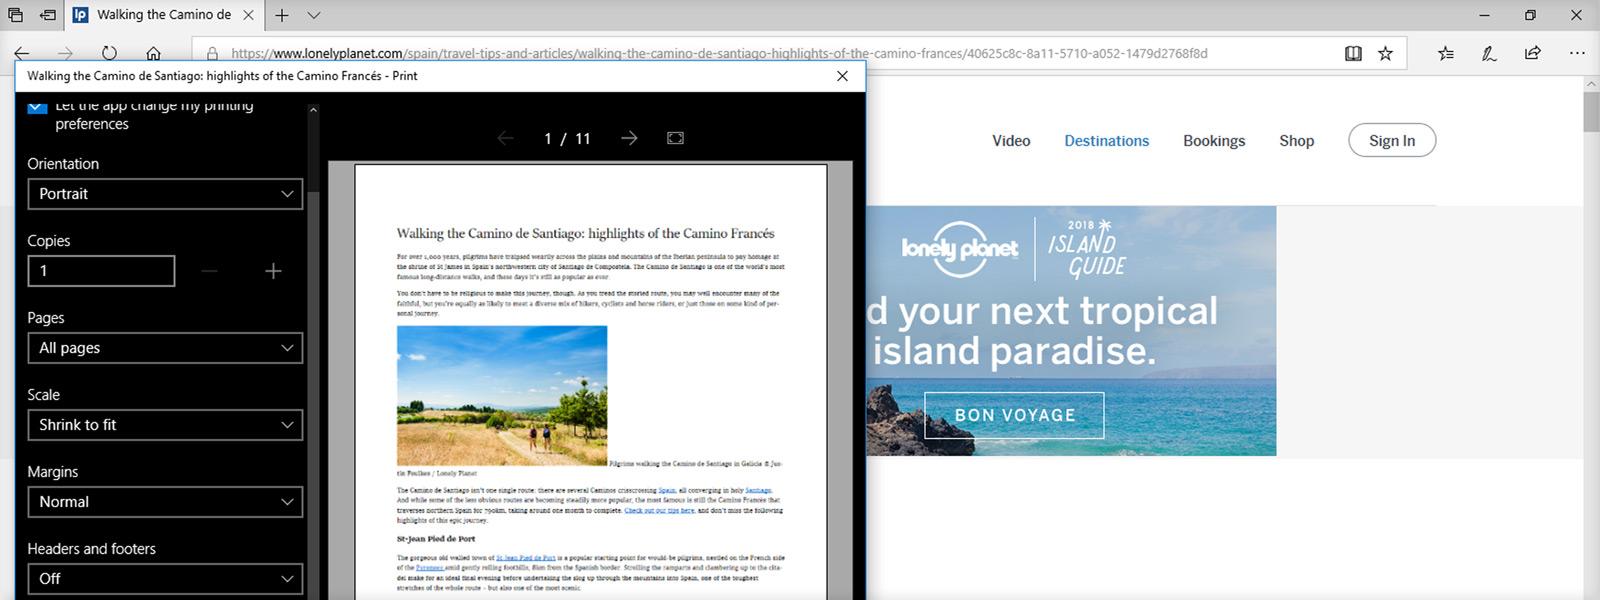 Obraz ekranu podglądu wydruku w przeglądarce Microsoft Edge bez reklam na danej stronie internetowej